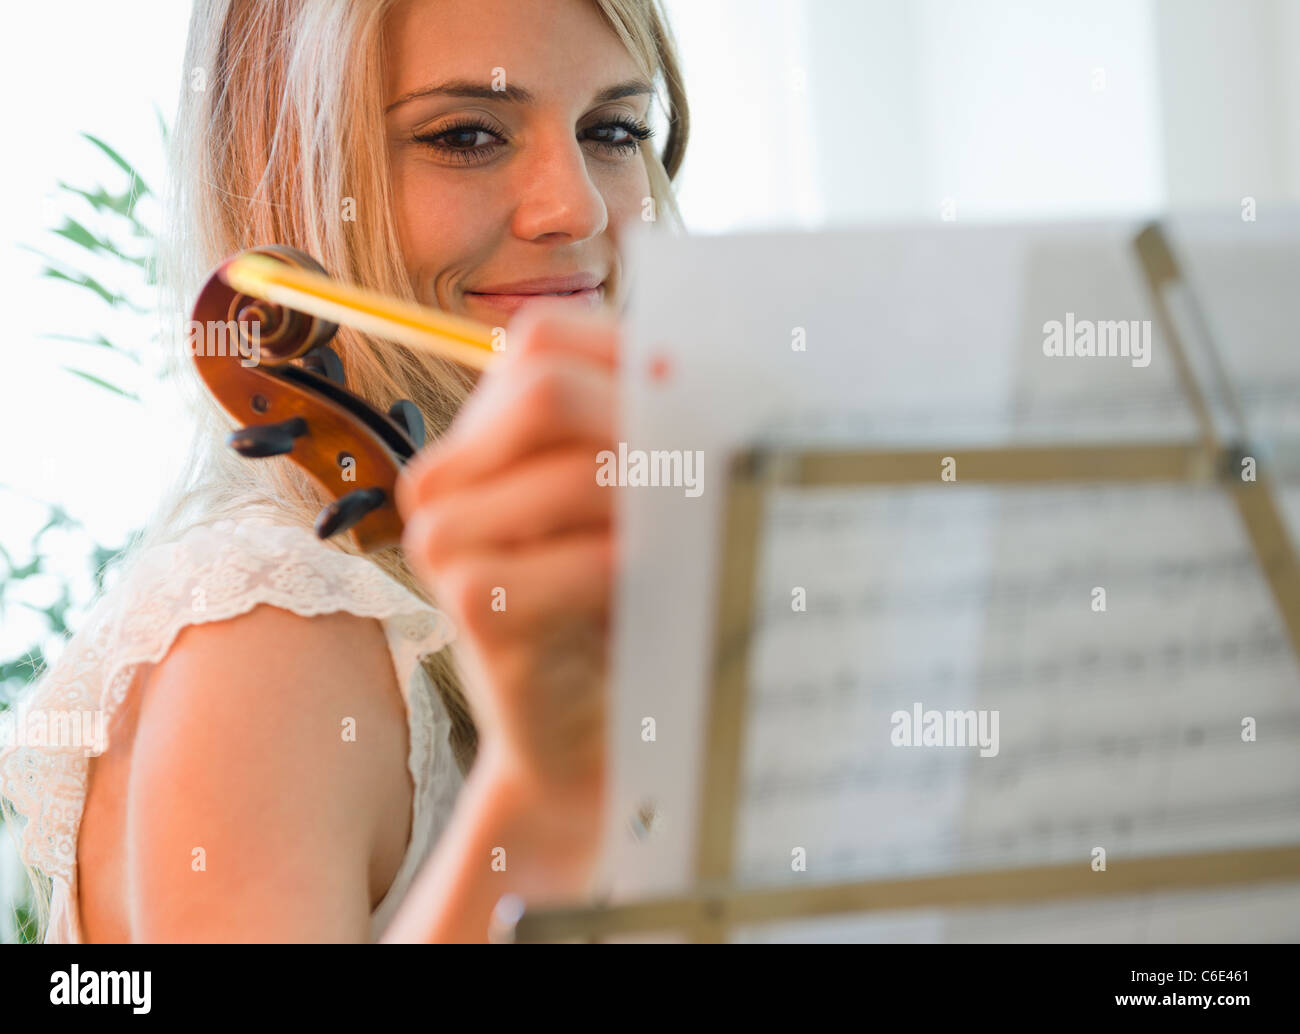 Stati Uniti d'America, New Jersey, Jersey City, Donna comporre musica Immagini Stock